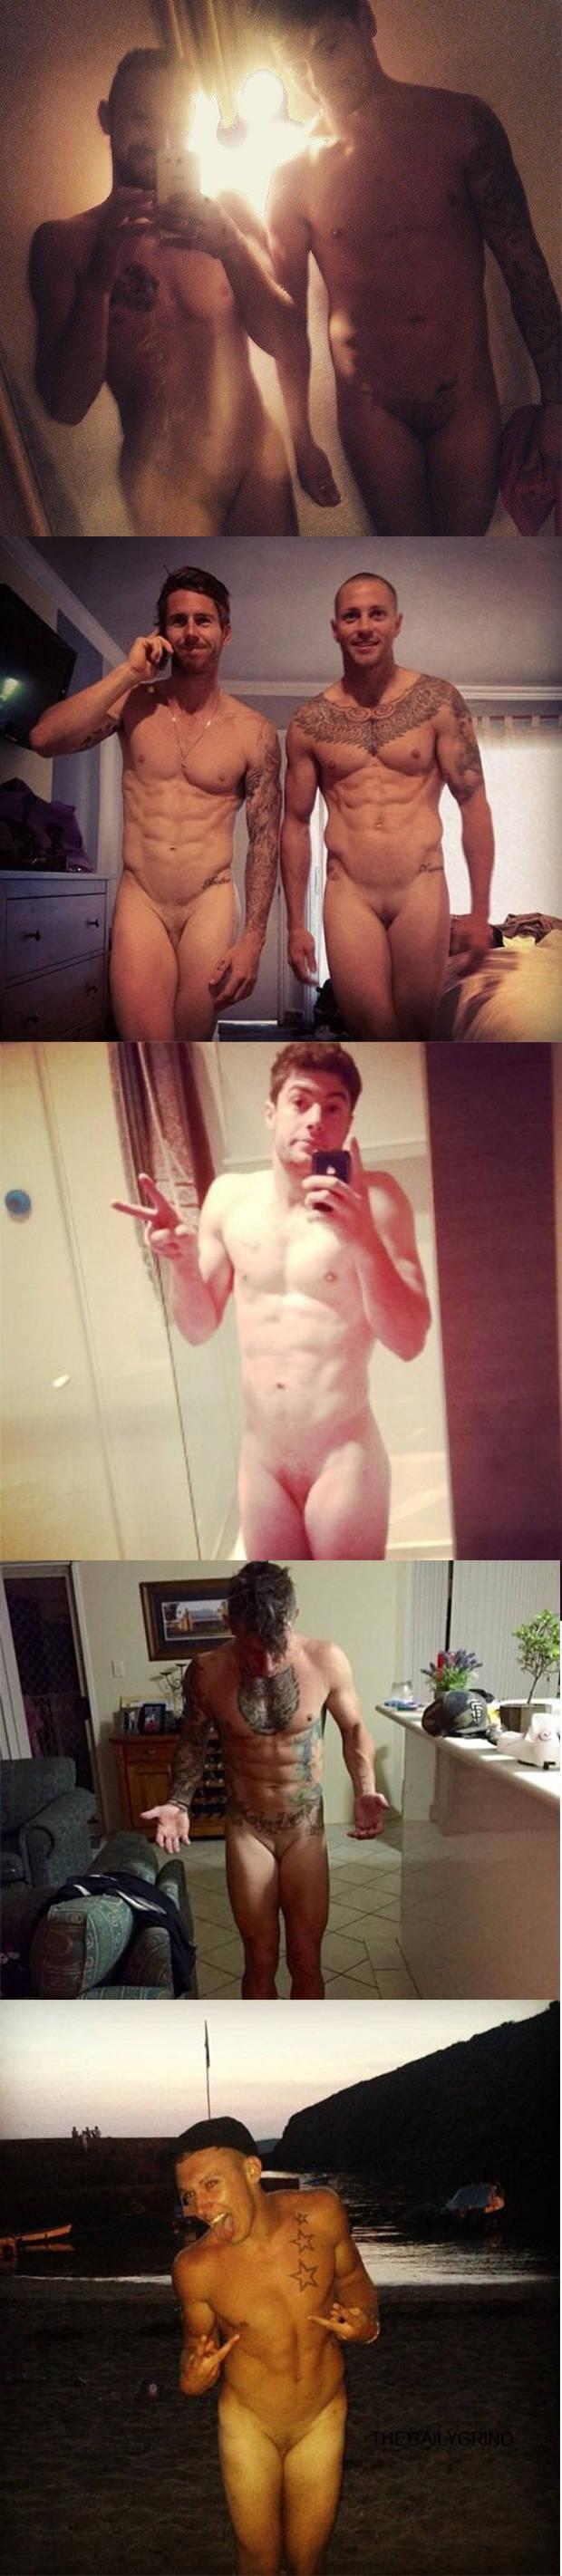 amateur naked guys selfies mangina